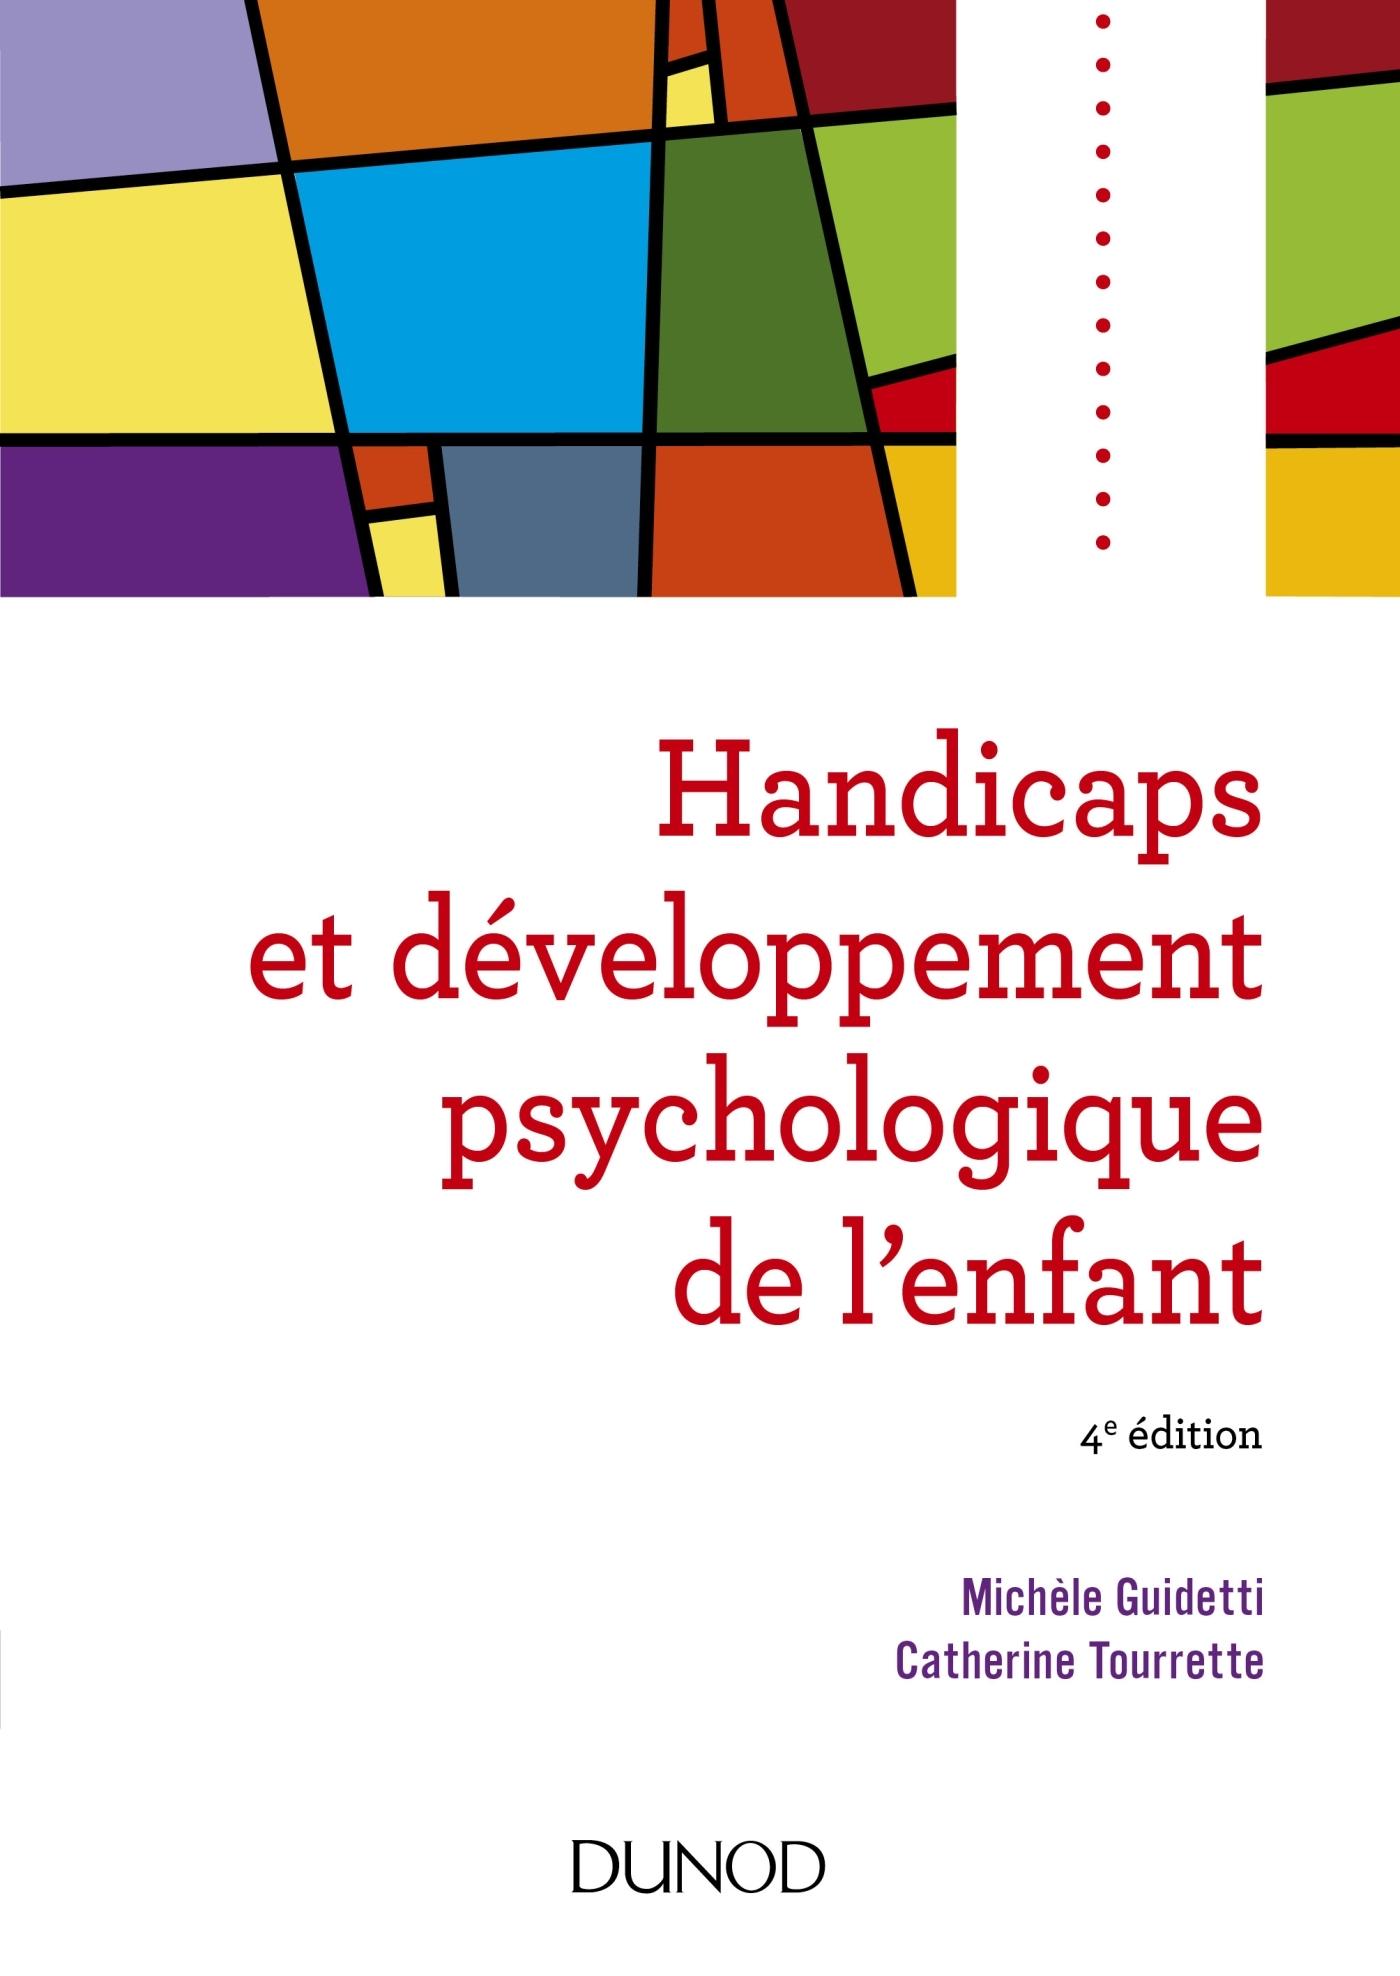 HANDICAPS ET DEVELOPPEMENT PSYCHOLOGIQUE DE L'ENFANT - 4E ED.